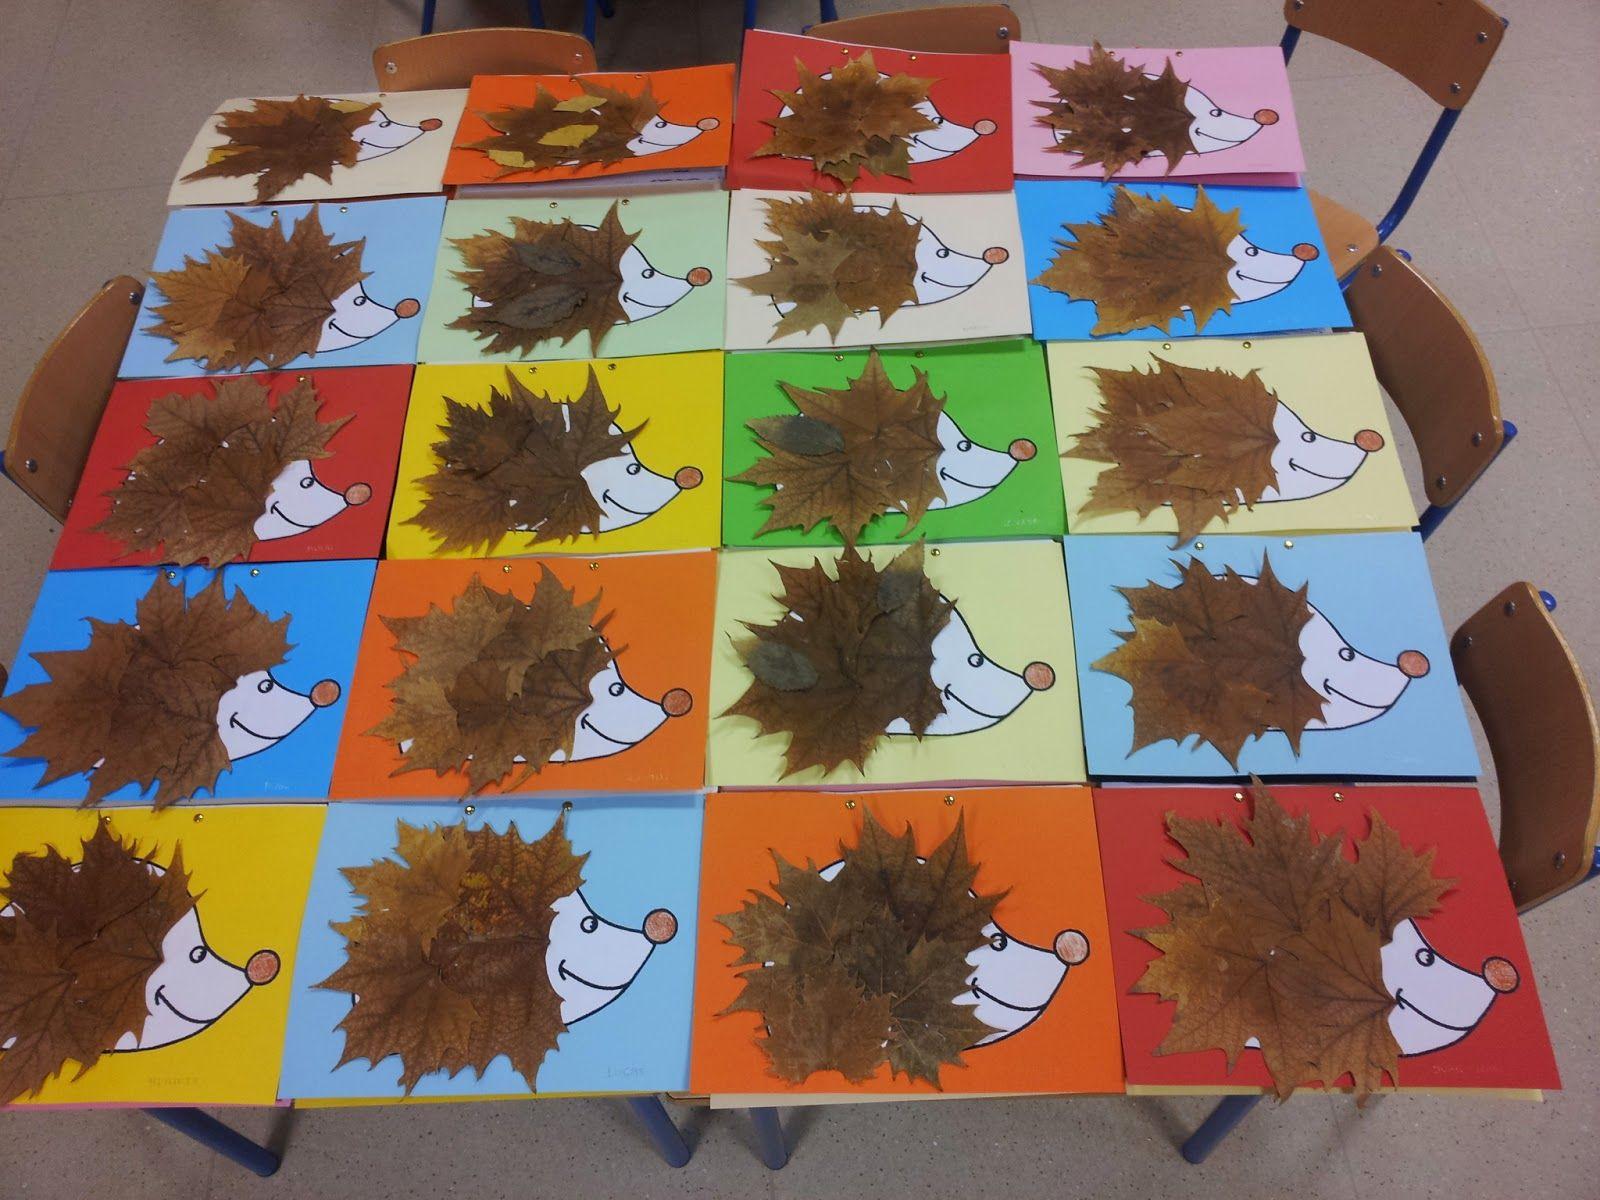 Window decoration for kindergarten  aunque lo típico son motivos navideños para las portadas de los